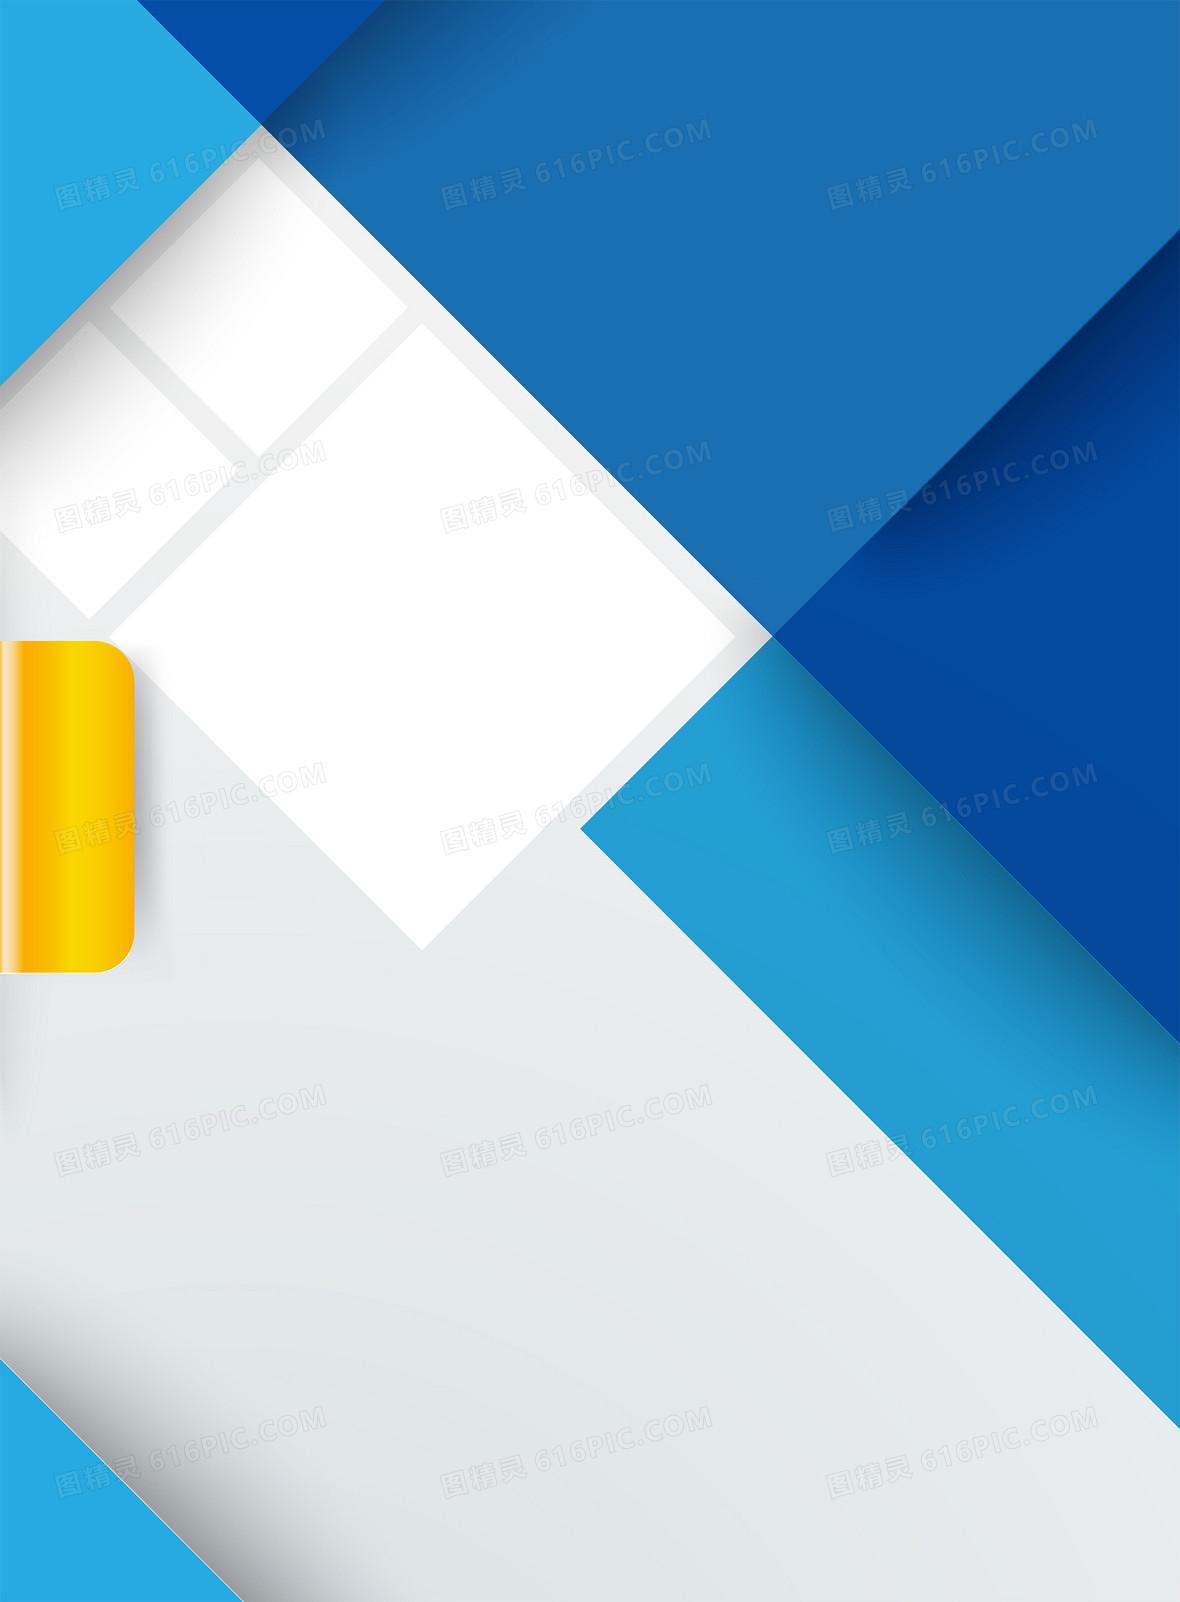 扁平几何商务画册封面模板背景素材